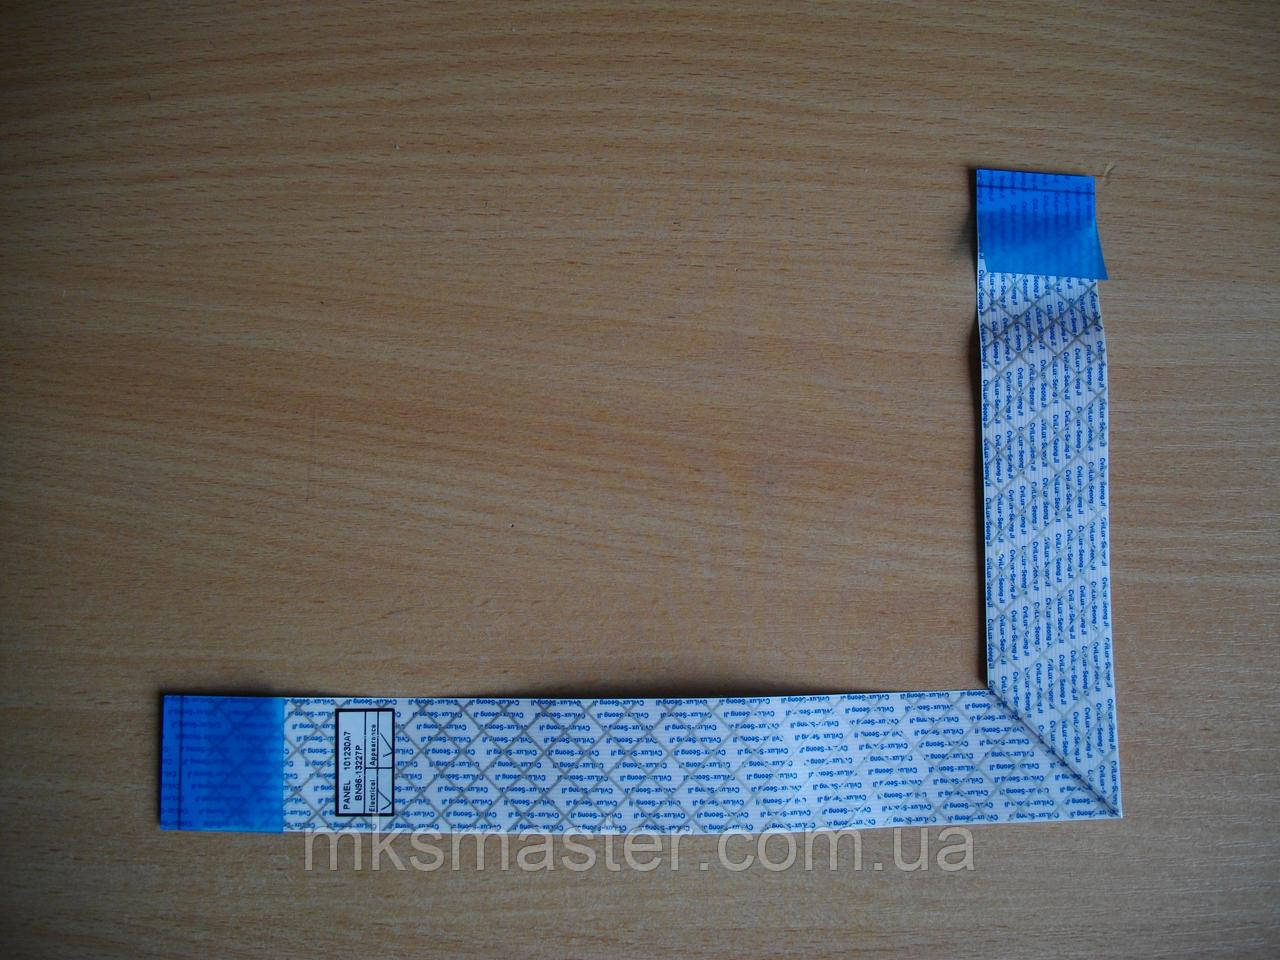 Шлейф матрицы BN96-13227P, 101230A7, LTJ320AP01-V, бу для телевизора UE32D4000NW